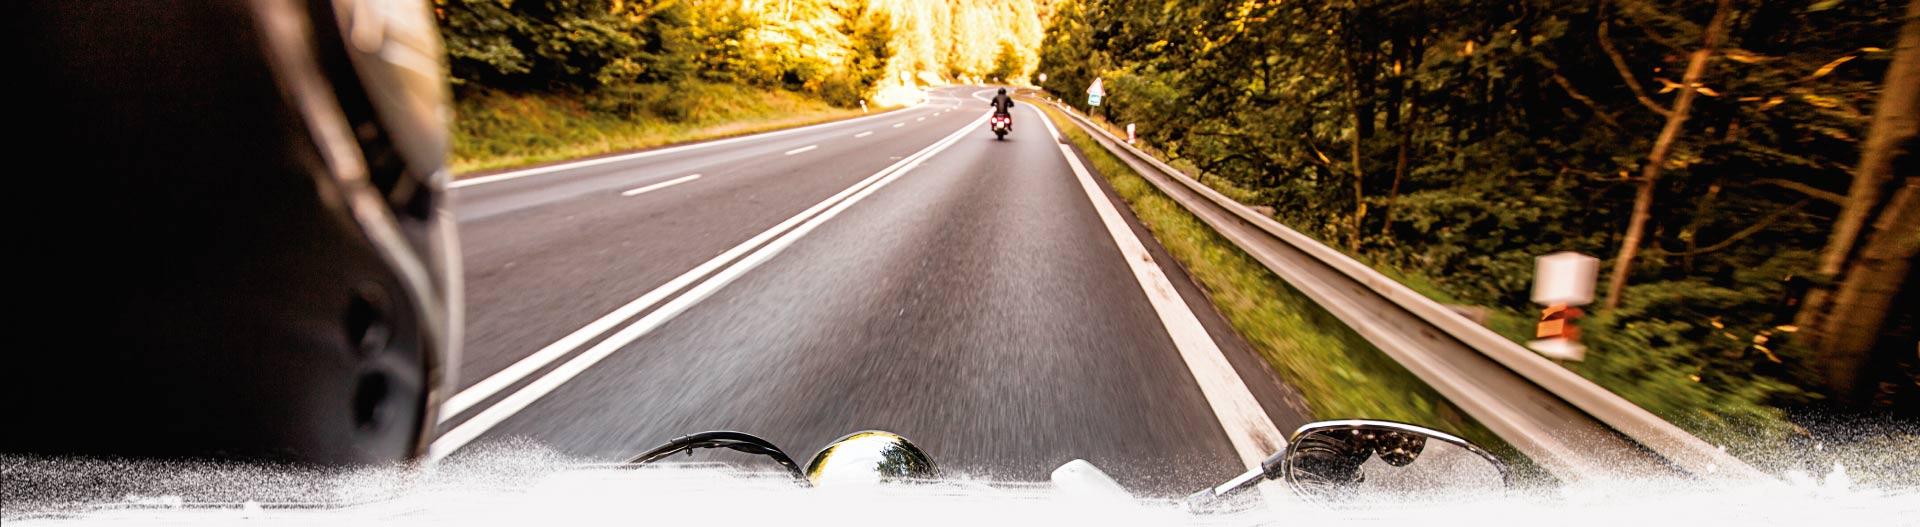 Motos de alquiler para hacer rutas por Cádiz